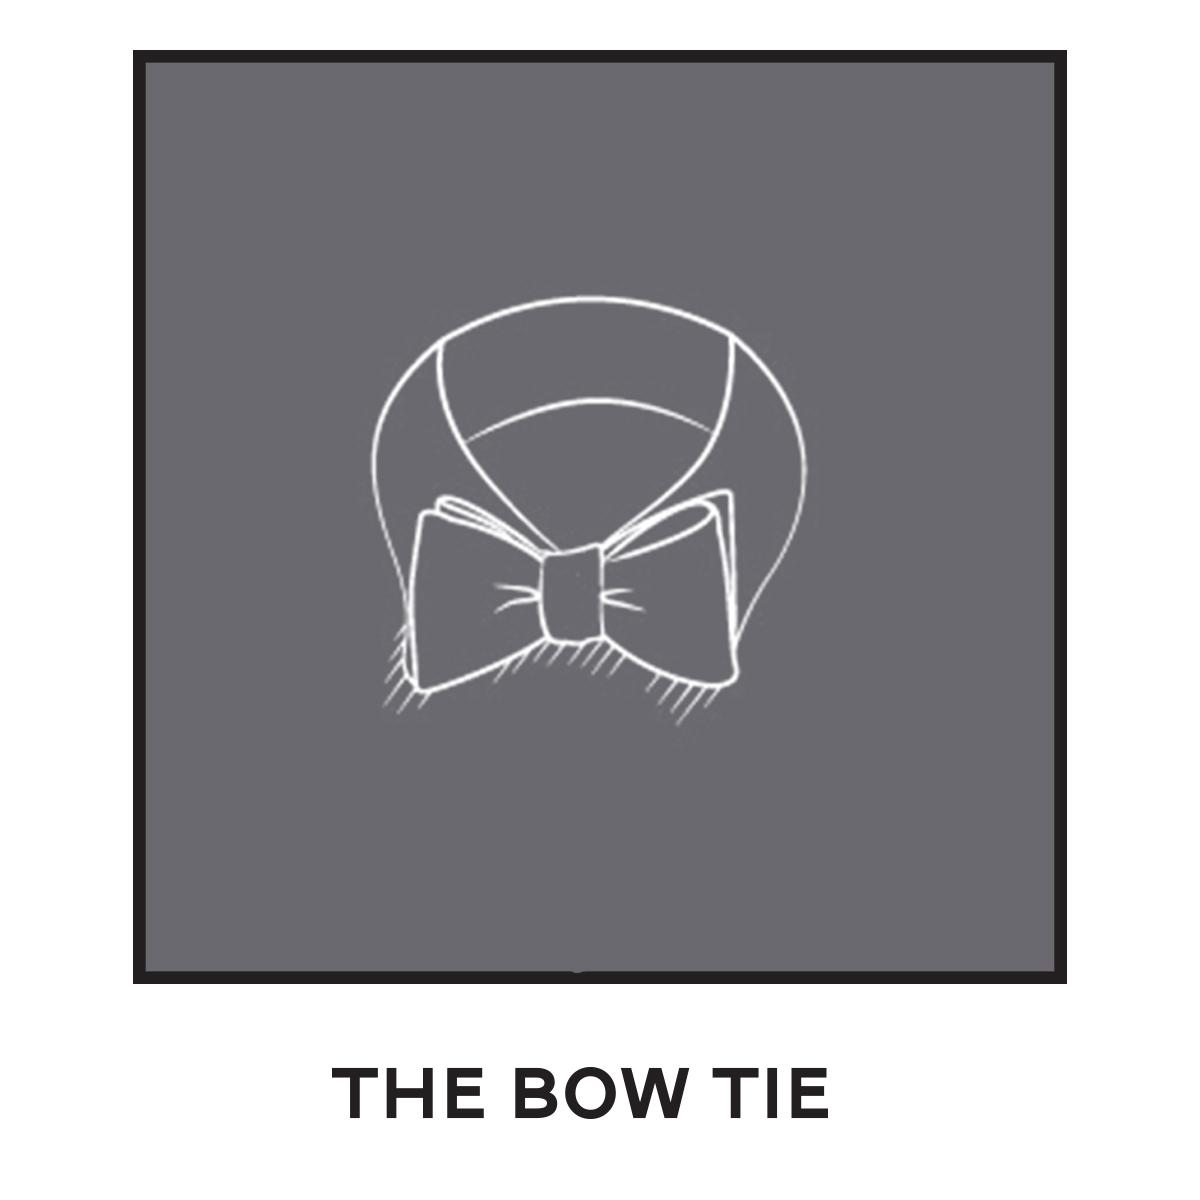 Tie a Bow Tie